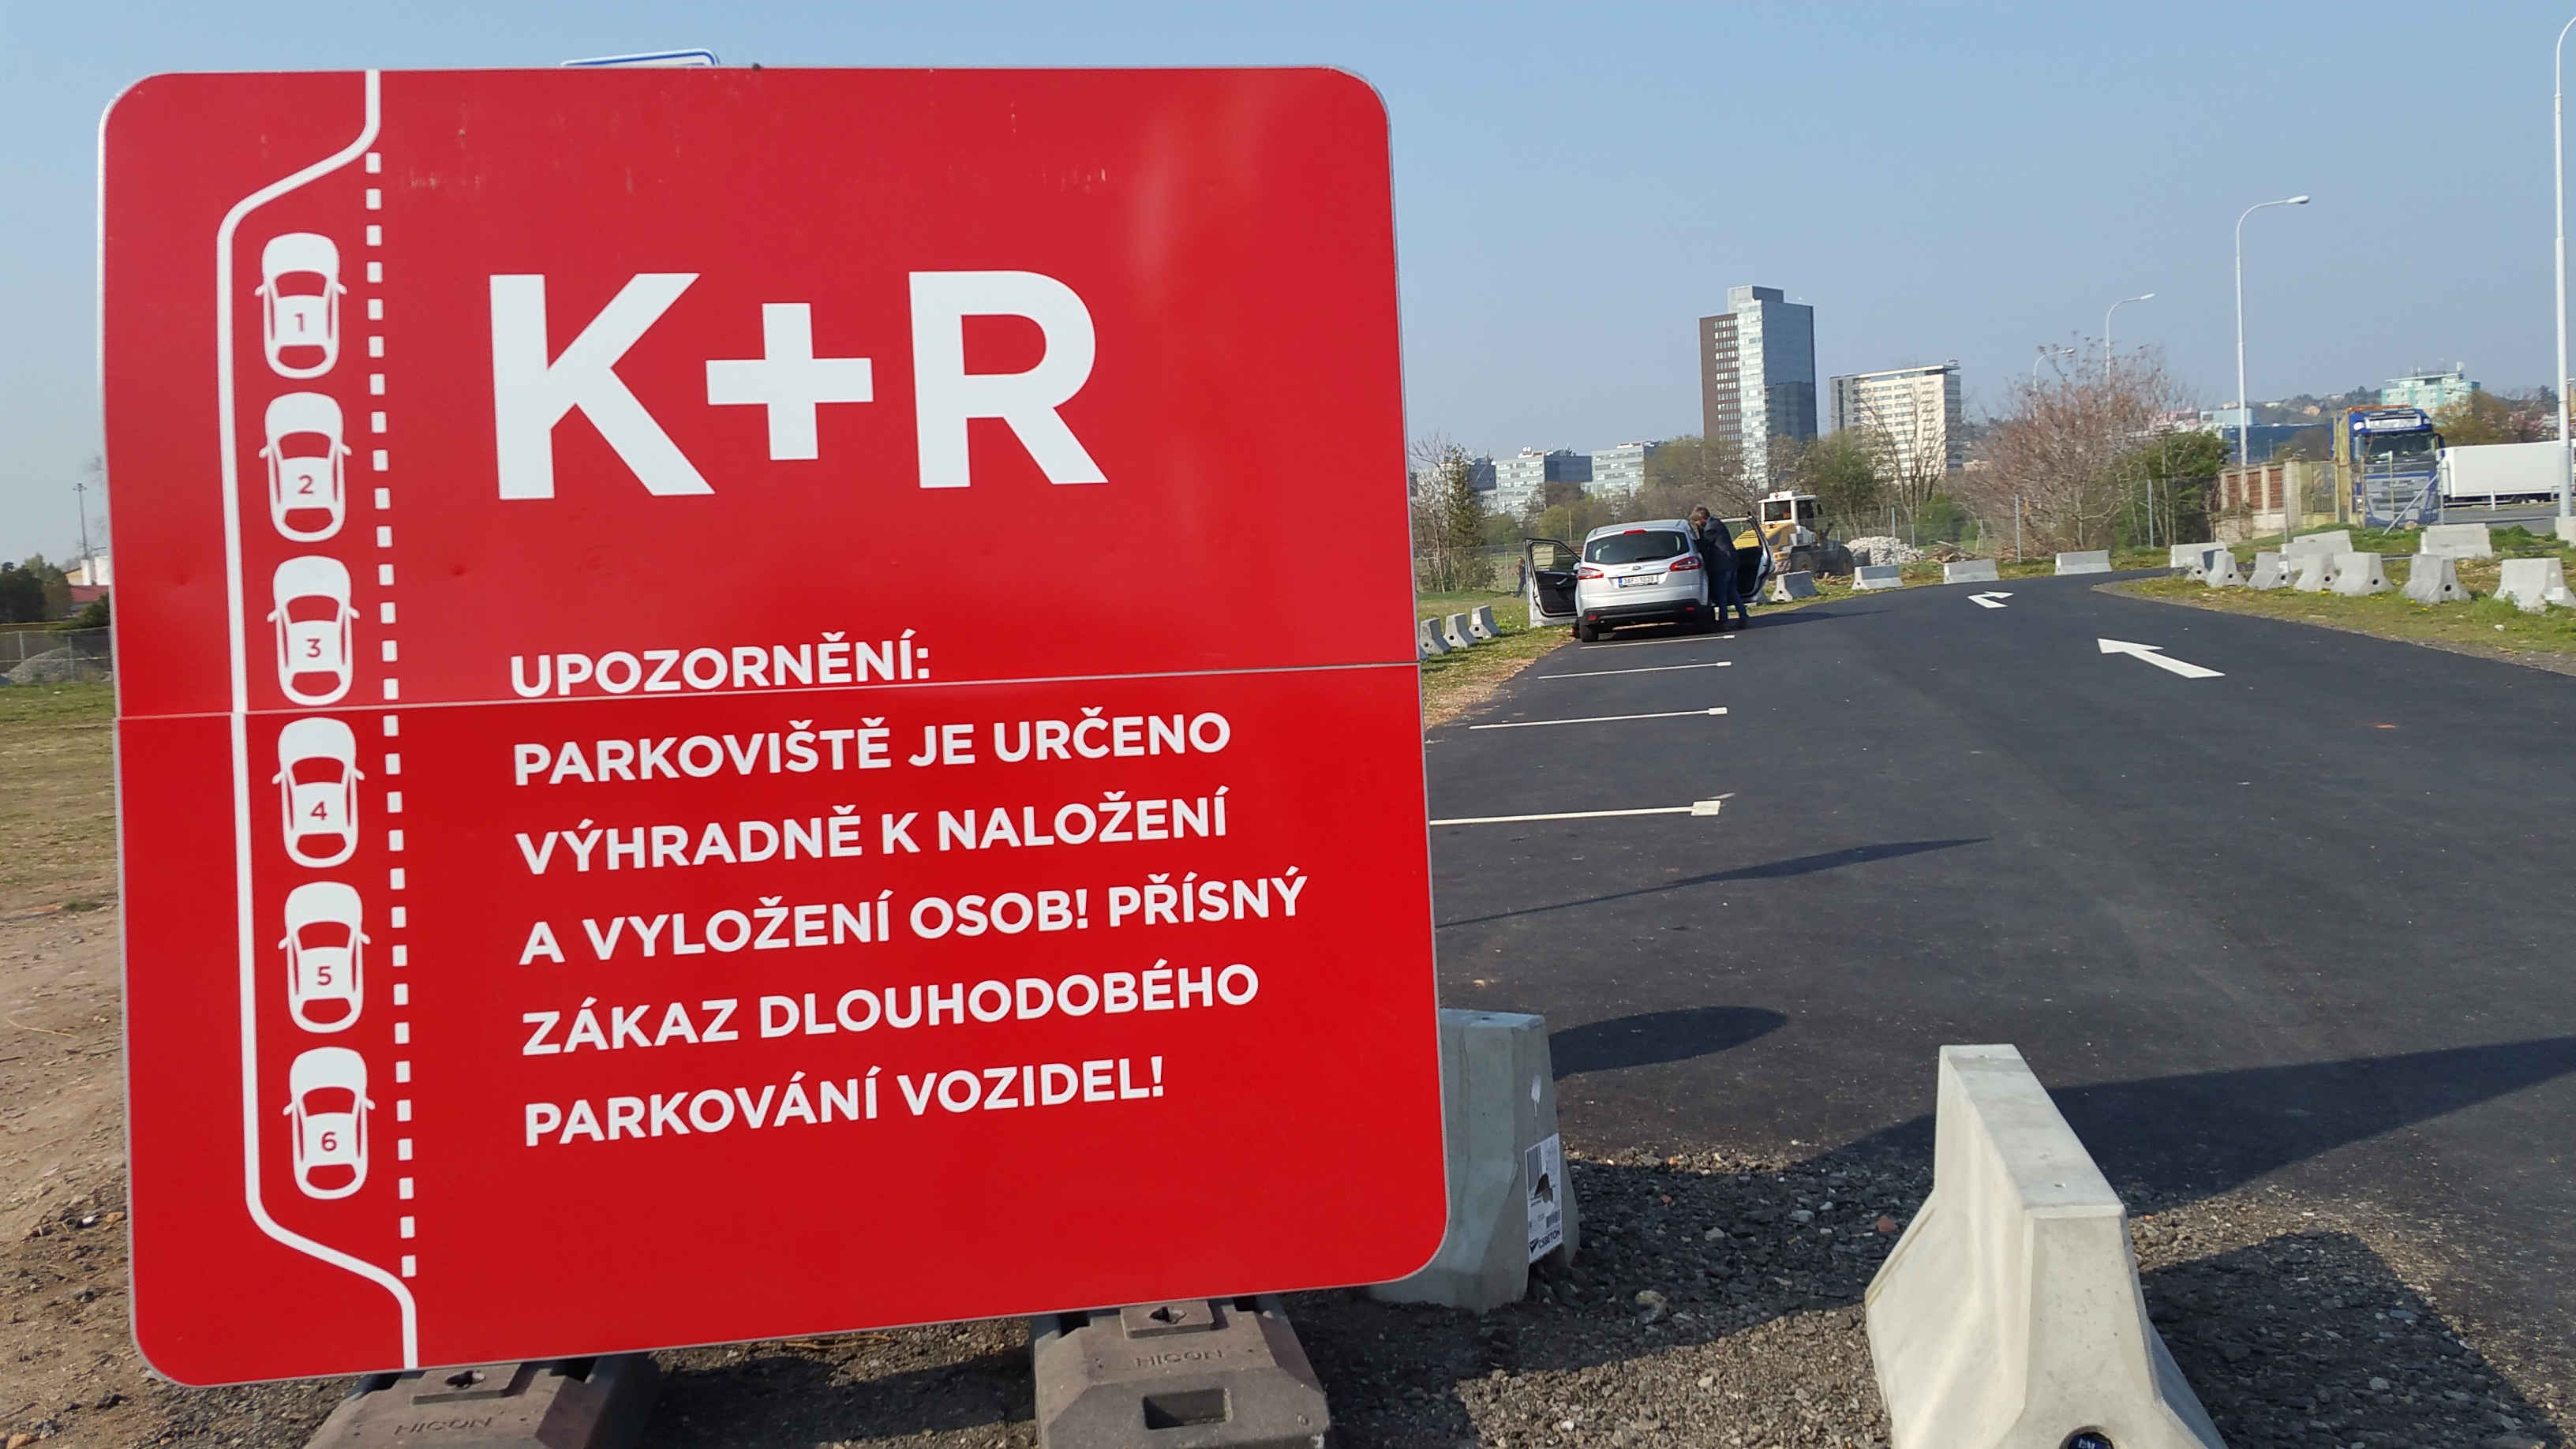 Nové parkoviště K + R před brněnským nádražím